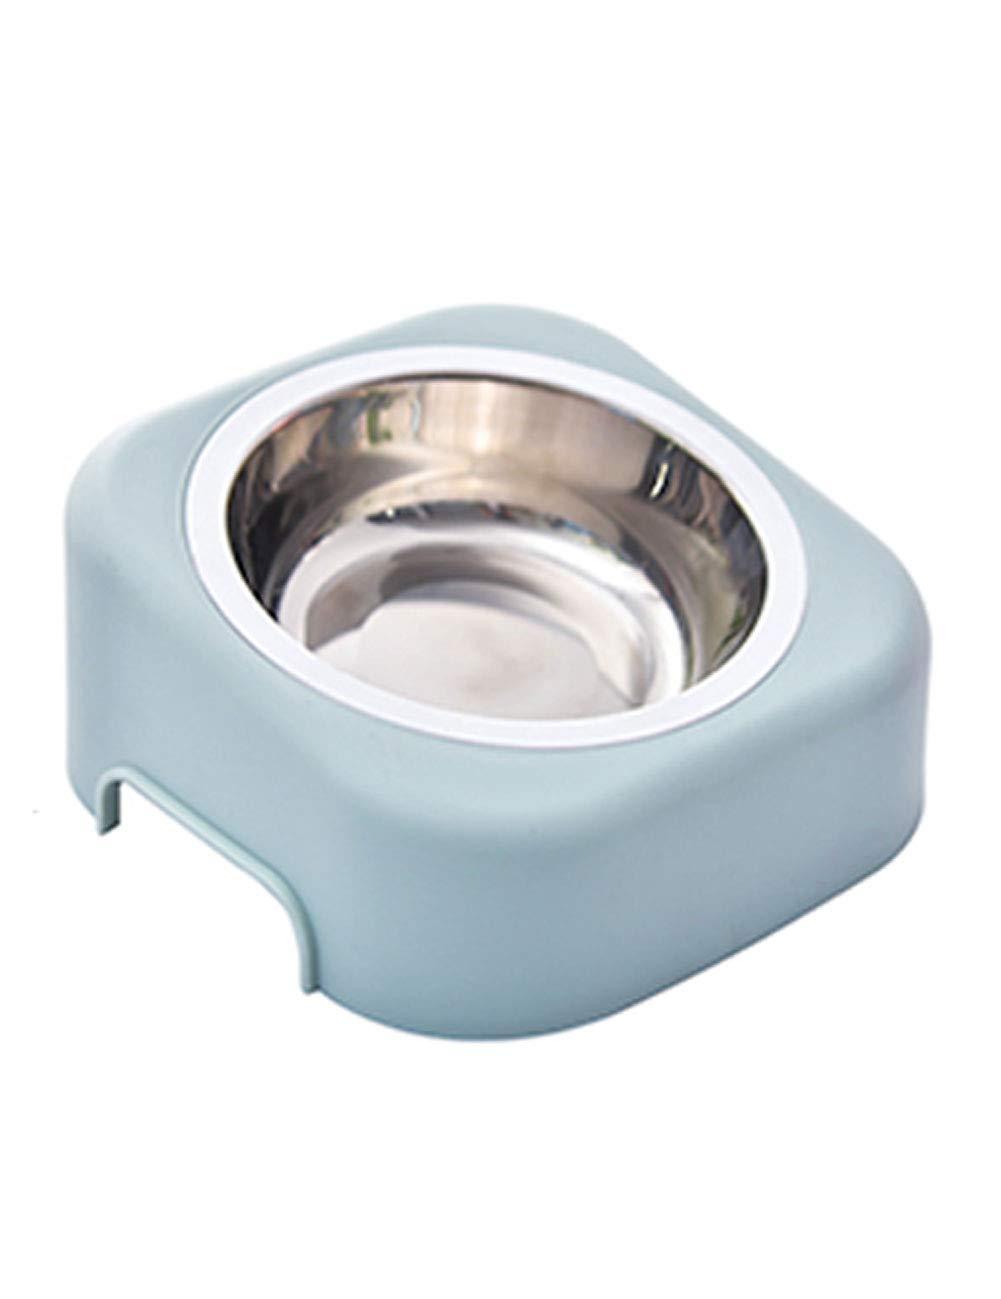 MGMDIAN Recipiente Oblicuo de Gato de Acero Inoxidable Cuenco de Gato Anti volcado Cuenco Individual Comedero para Mascotas ( Color : Azul )